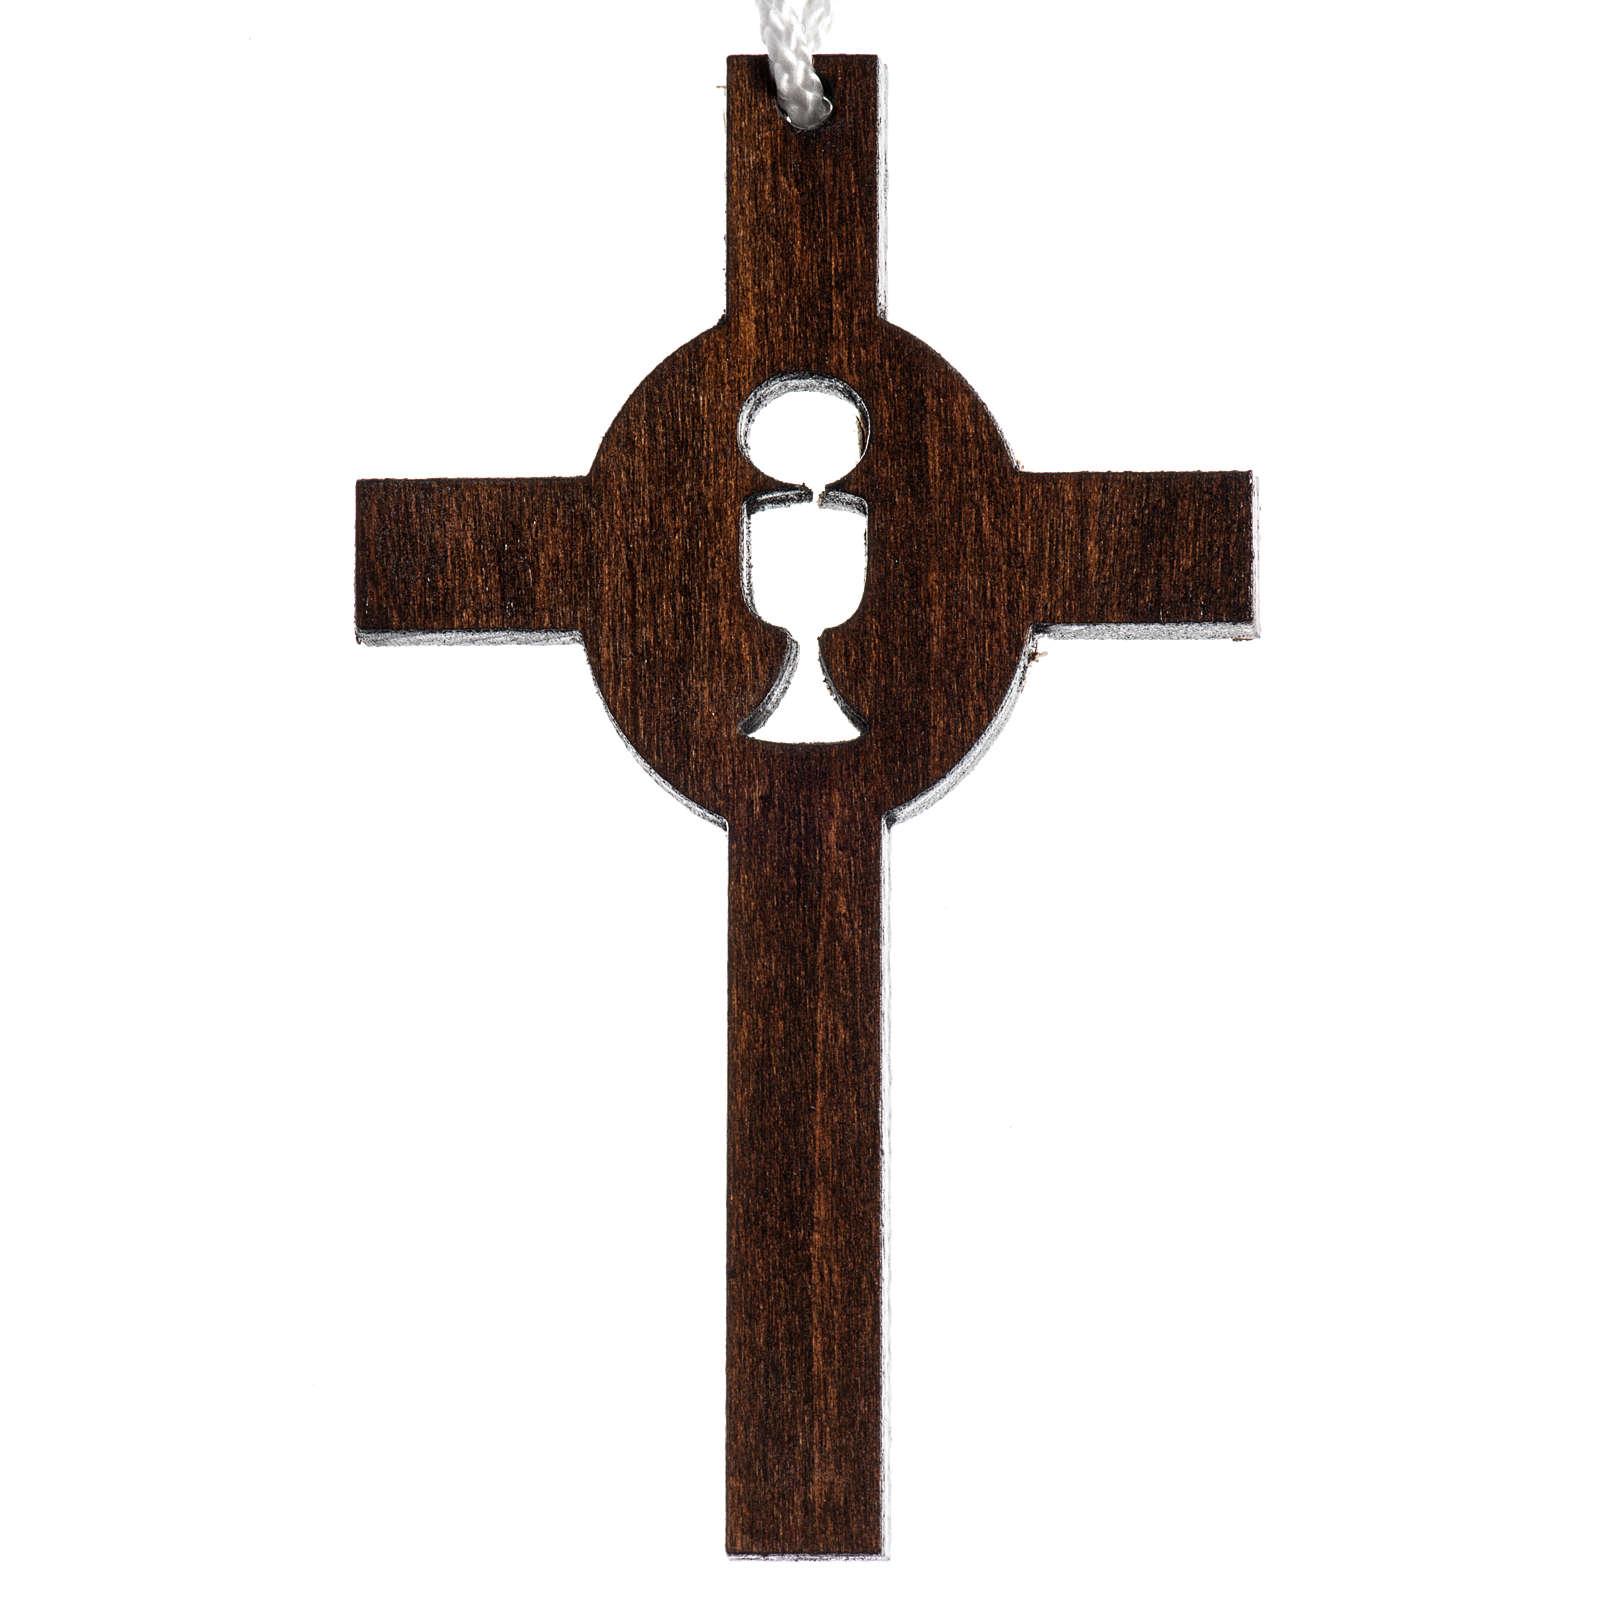 Croce legno scuro Prima Comunione calice ostia intagliati 4